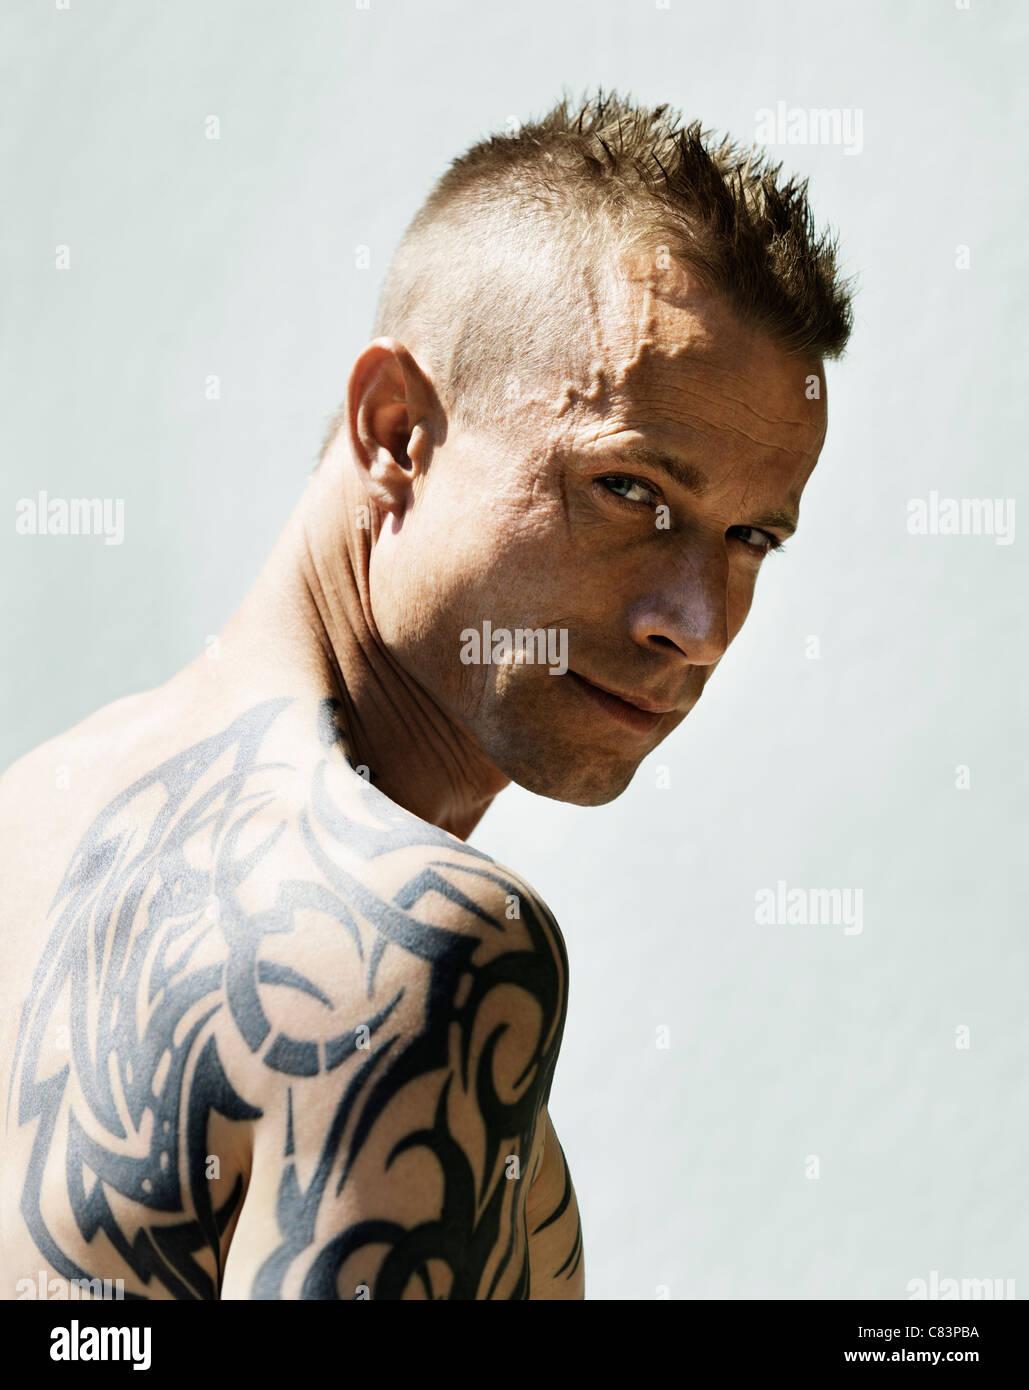 Hombre con tatuajes tribales para llevar al hombro. Imagen De Stock